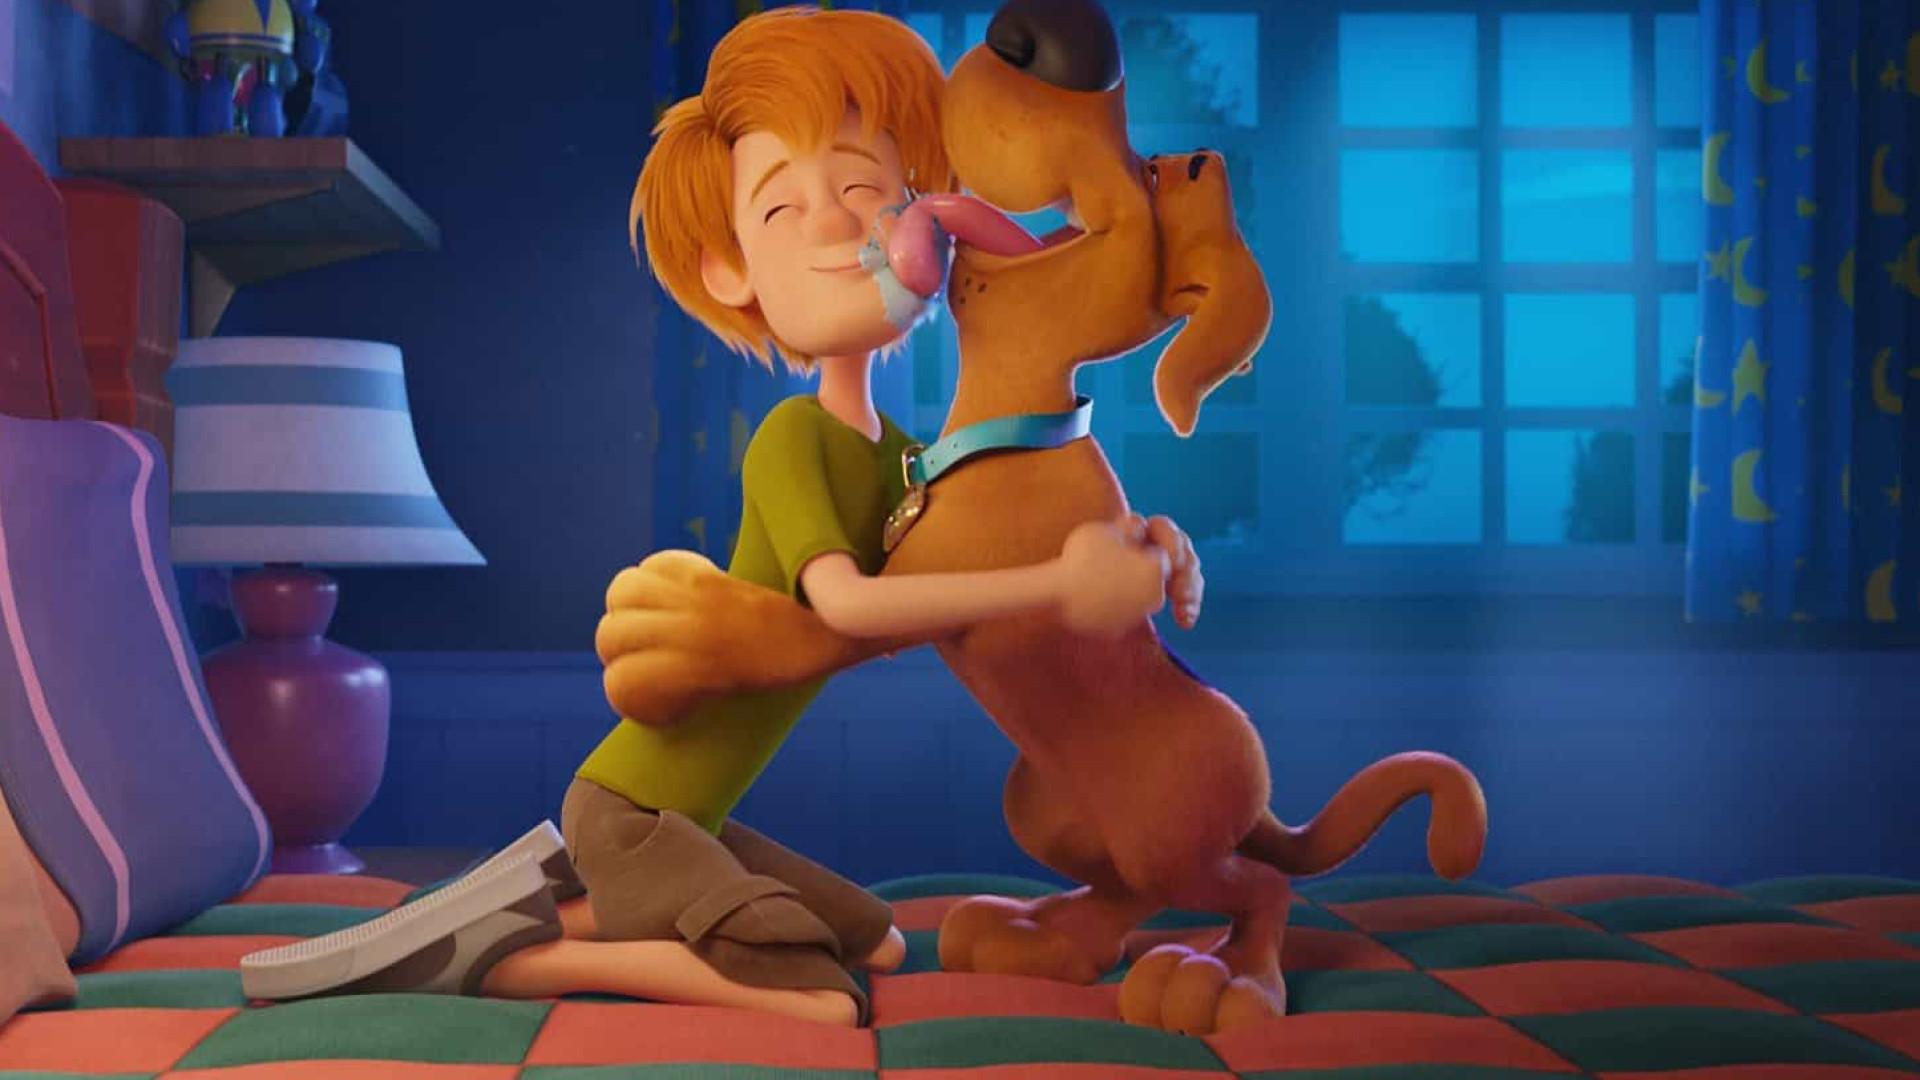 Filme de Scooby Doo será lançado em streaming devido ao coronavírus